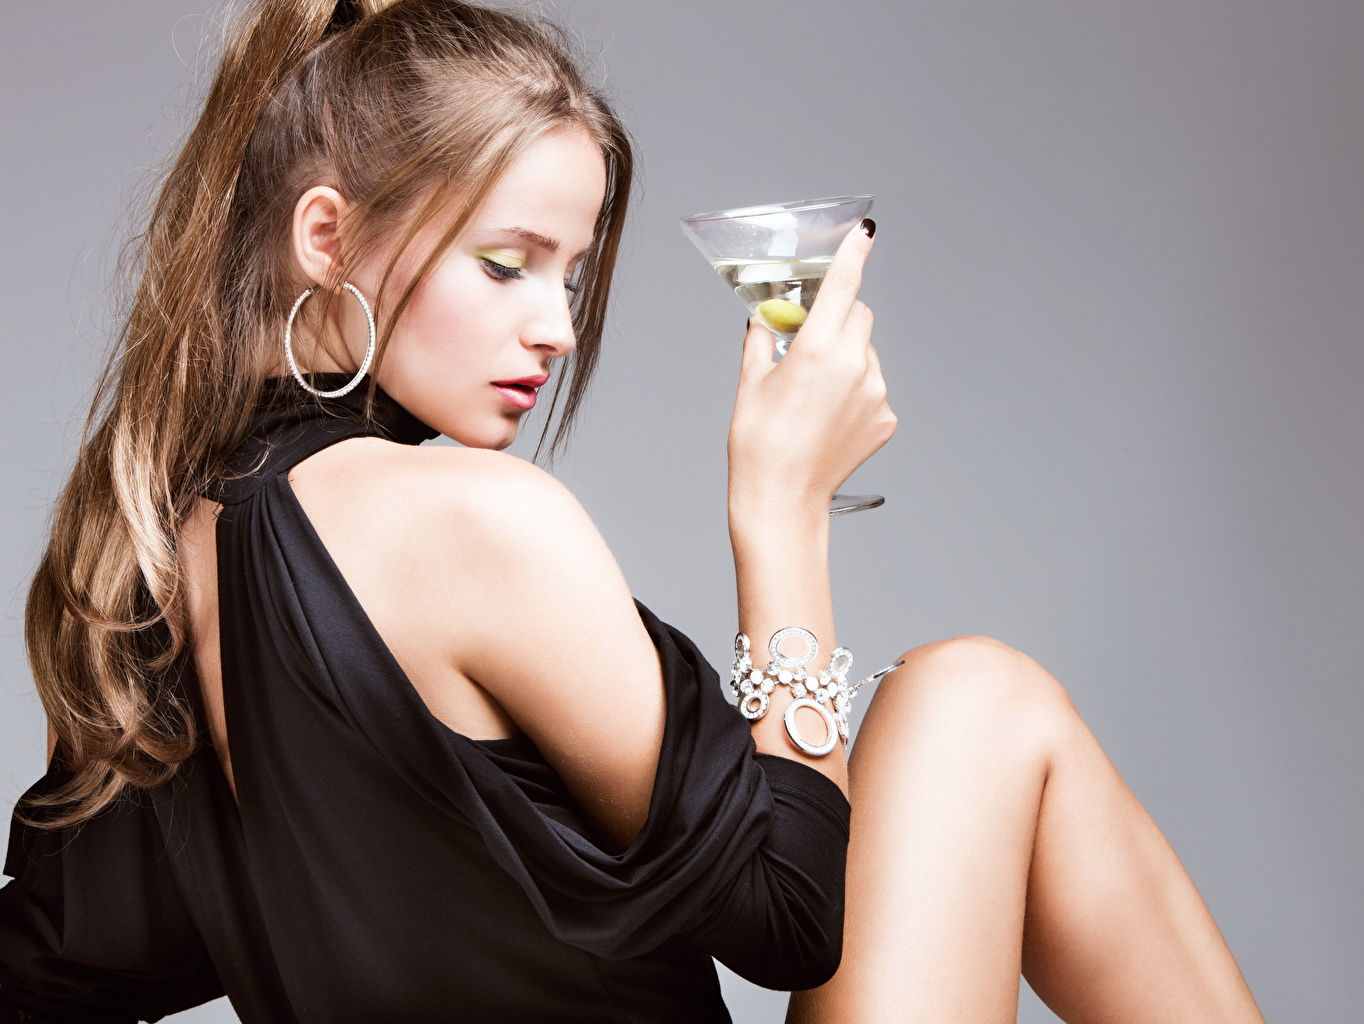 Fotos Braunhaarige junge Frauen Armband Hand Ohrring Weinglas Grauer Hintergrund Braune Haare Mädchens junge frau Armreif